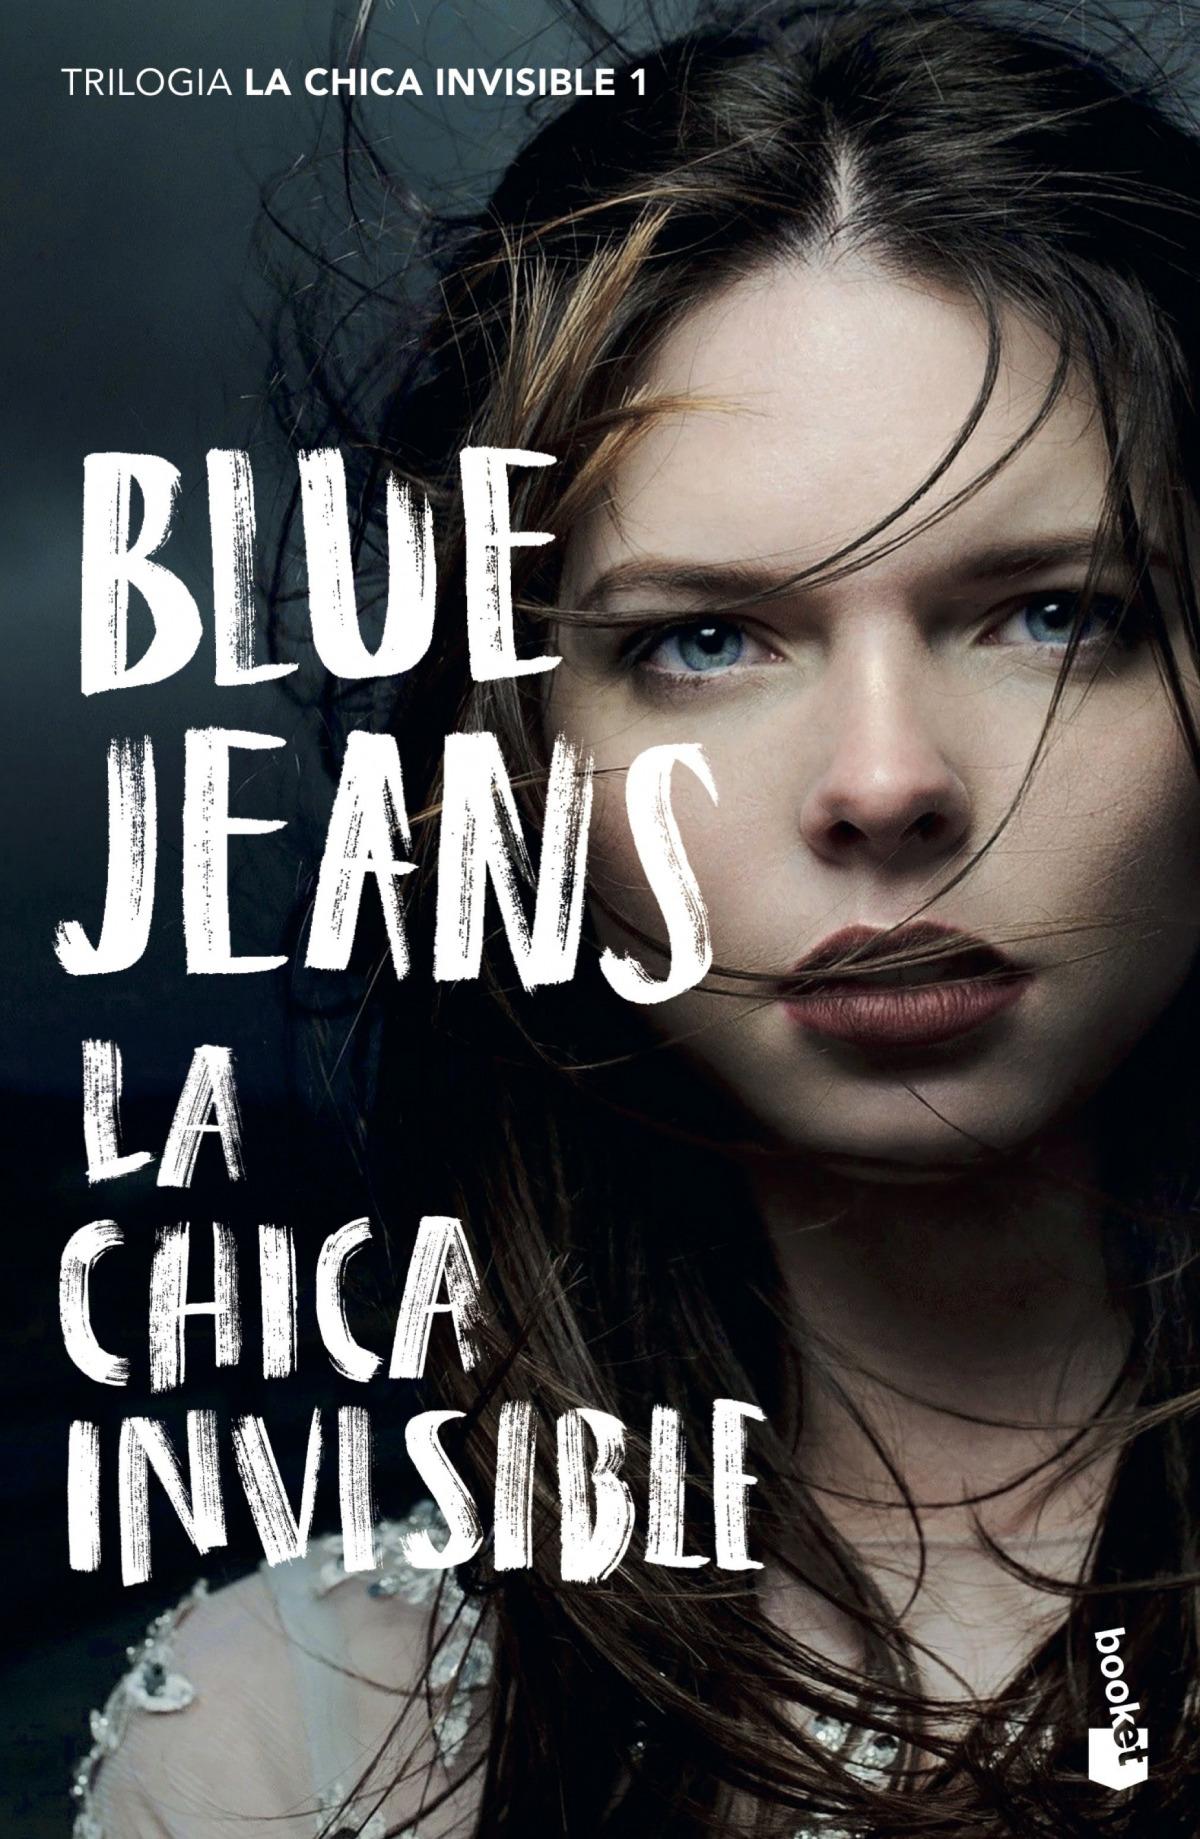 La chica invisible 9788408239147